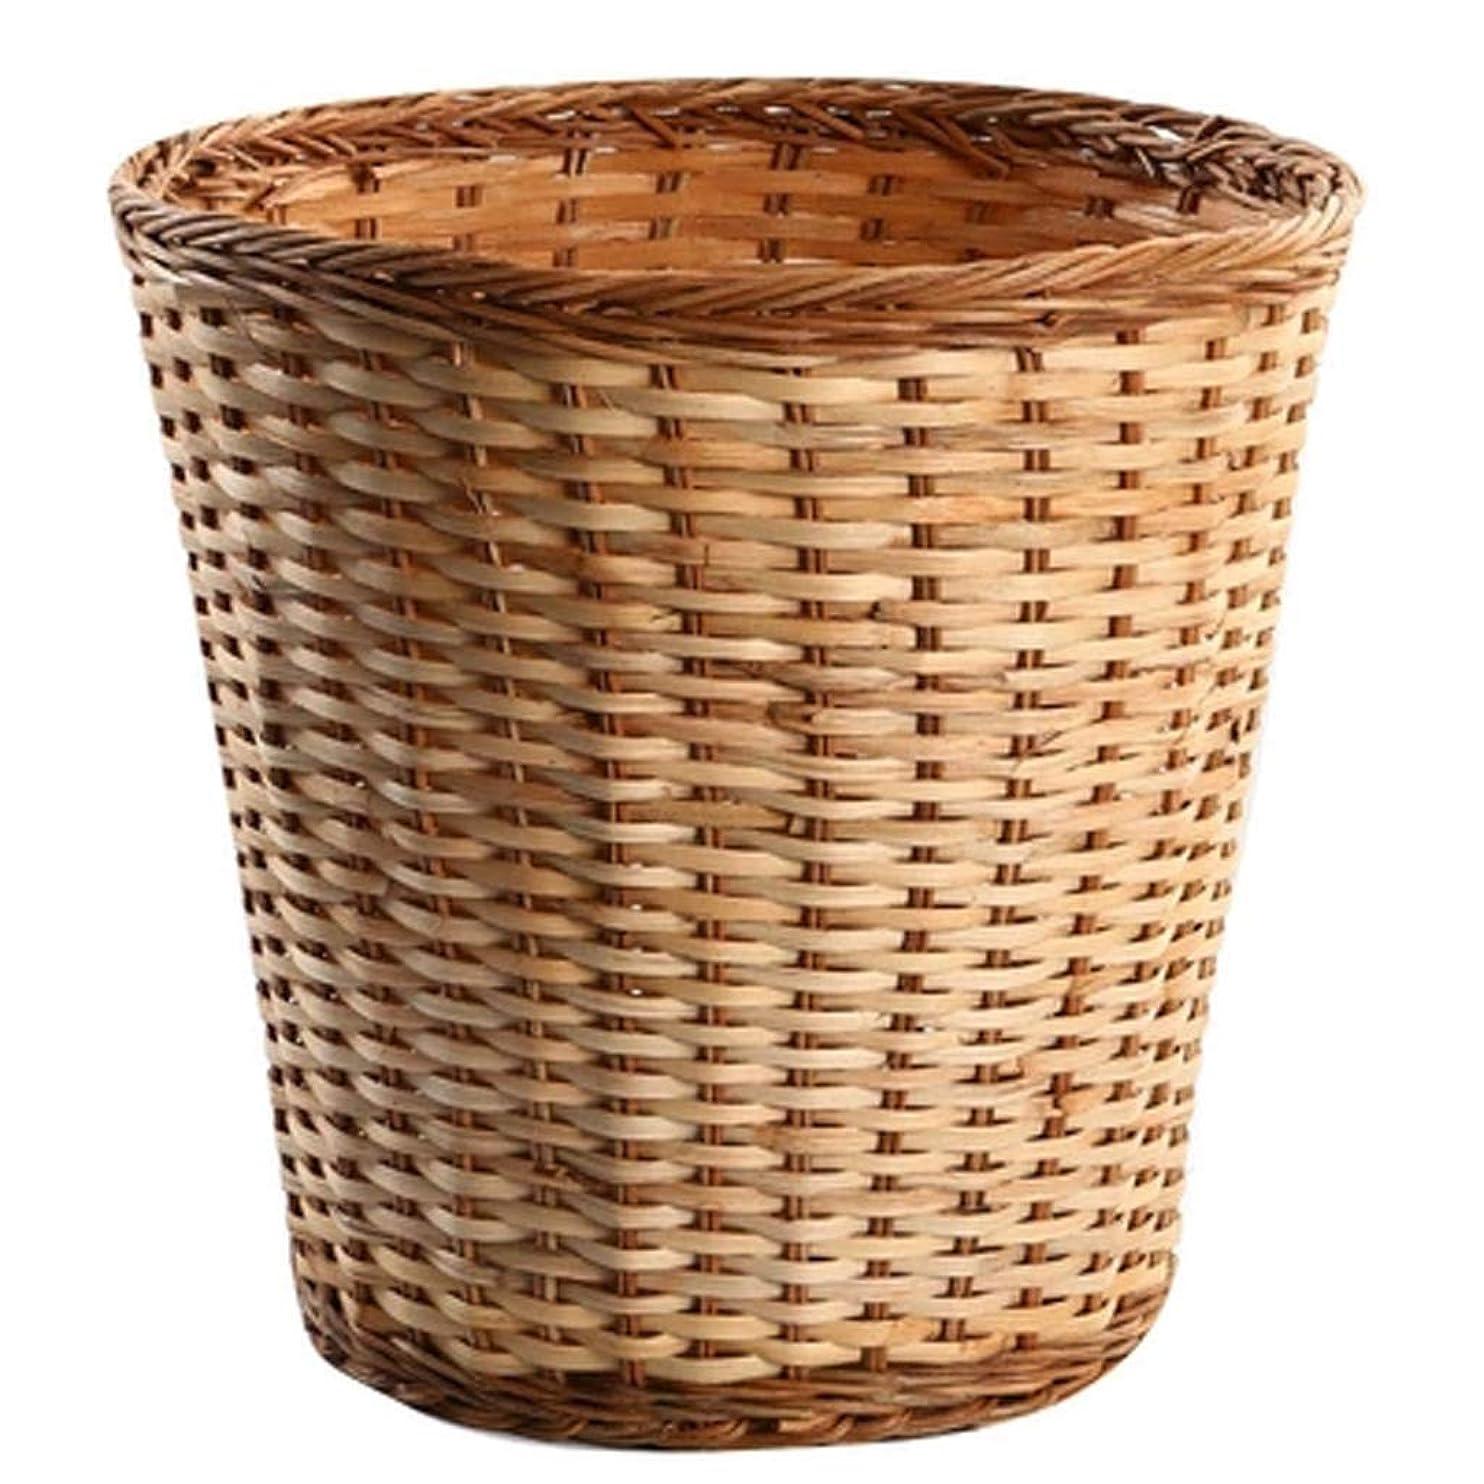 間接的説教する同化するXLSM 藤子準備保管篓家族の庭の貯蔵バケツ環境保護手工芸丸いバスケットはゴミ廃棄紙の破片を入れ、サイズはオプションです 収納ボックス (Size : M)